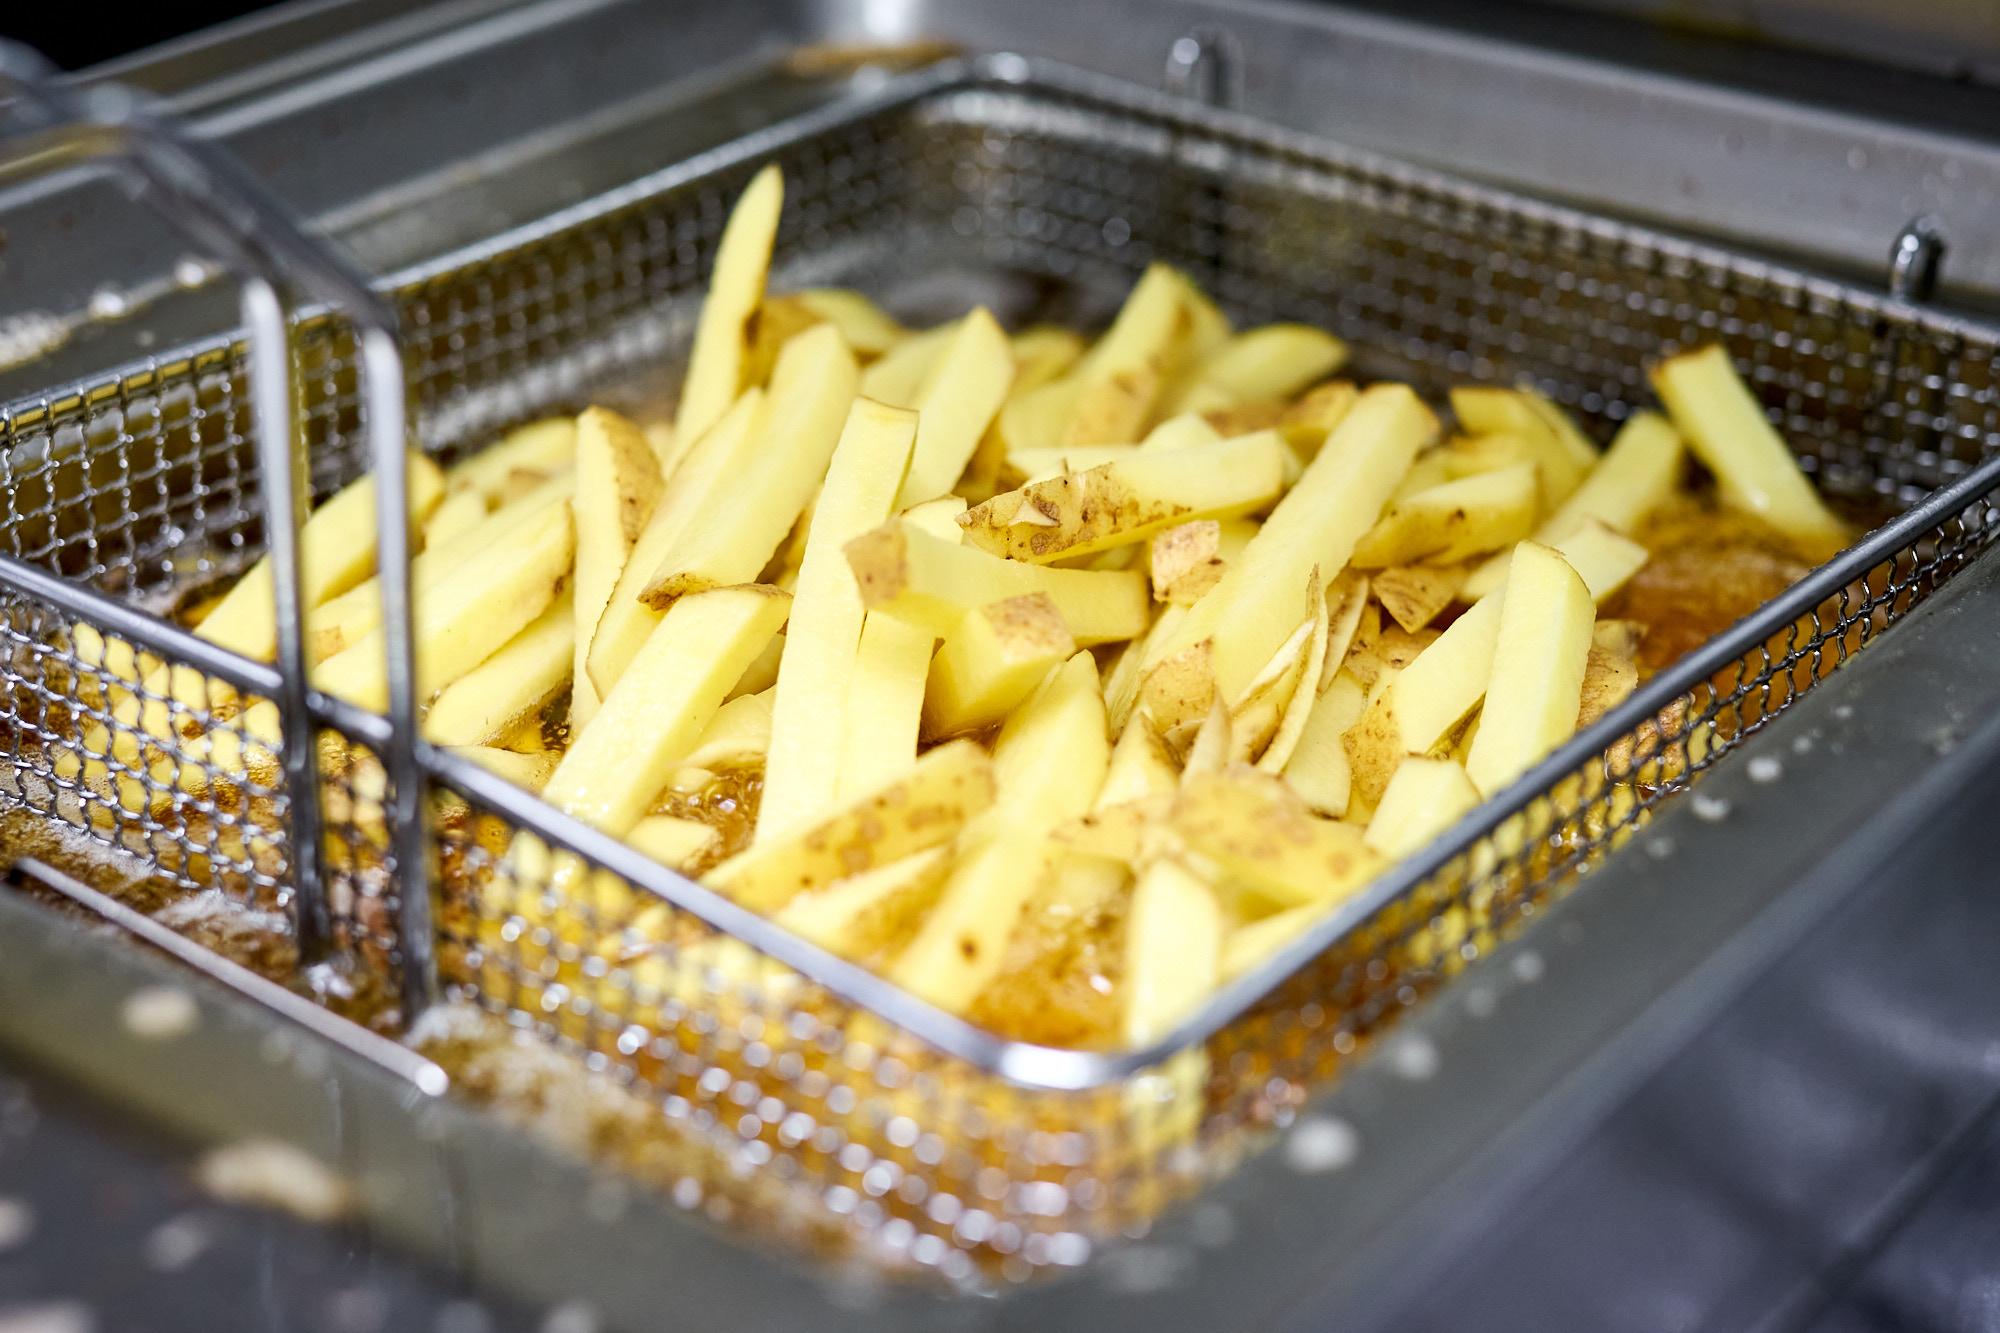 Spezlwirtschaft München Küche Pommes